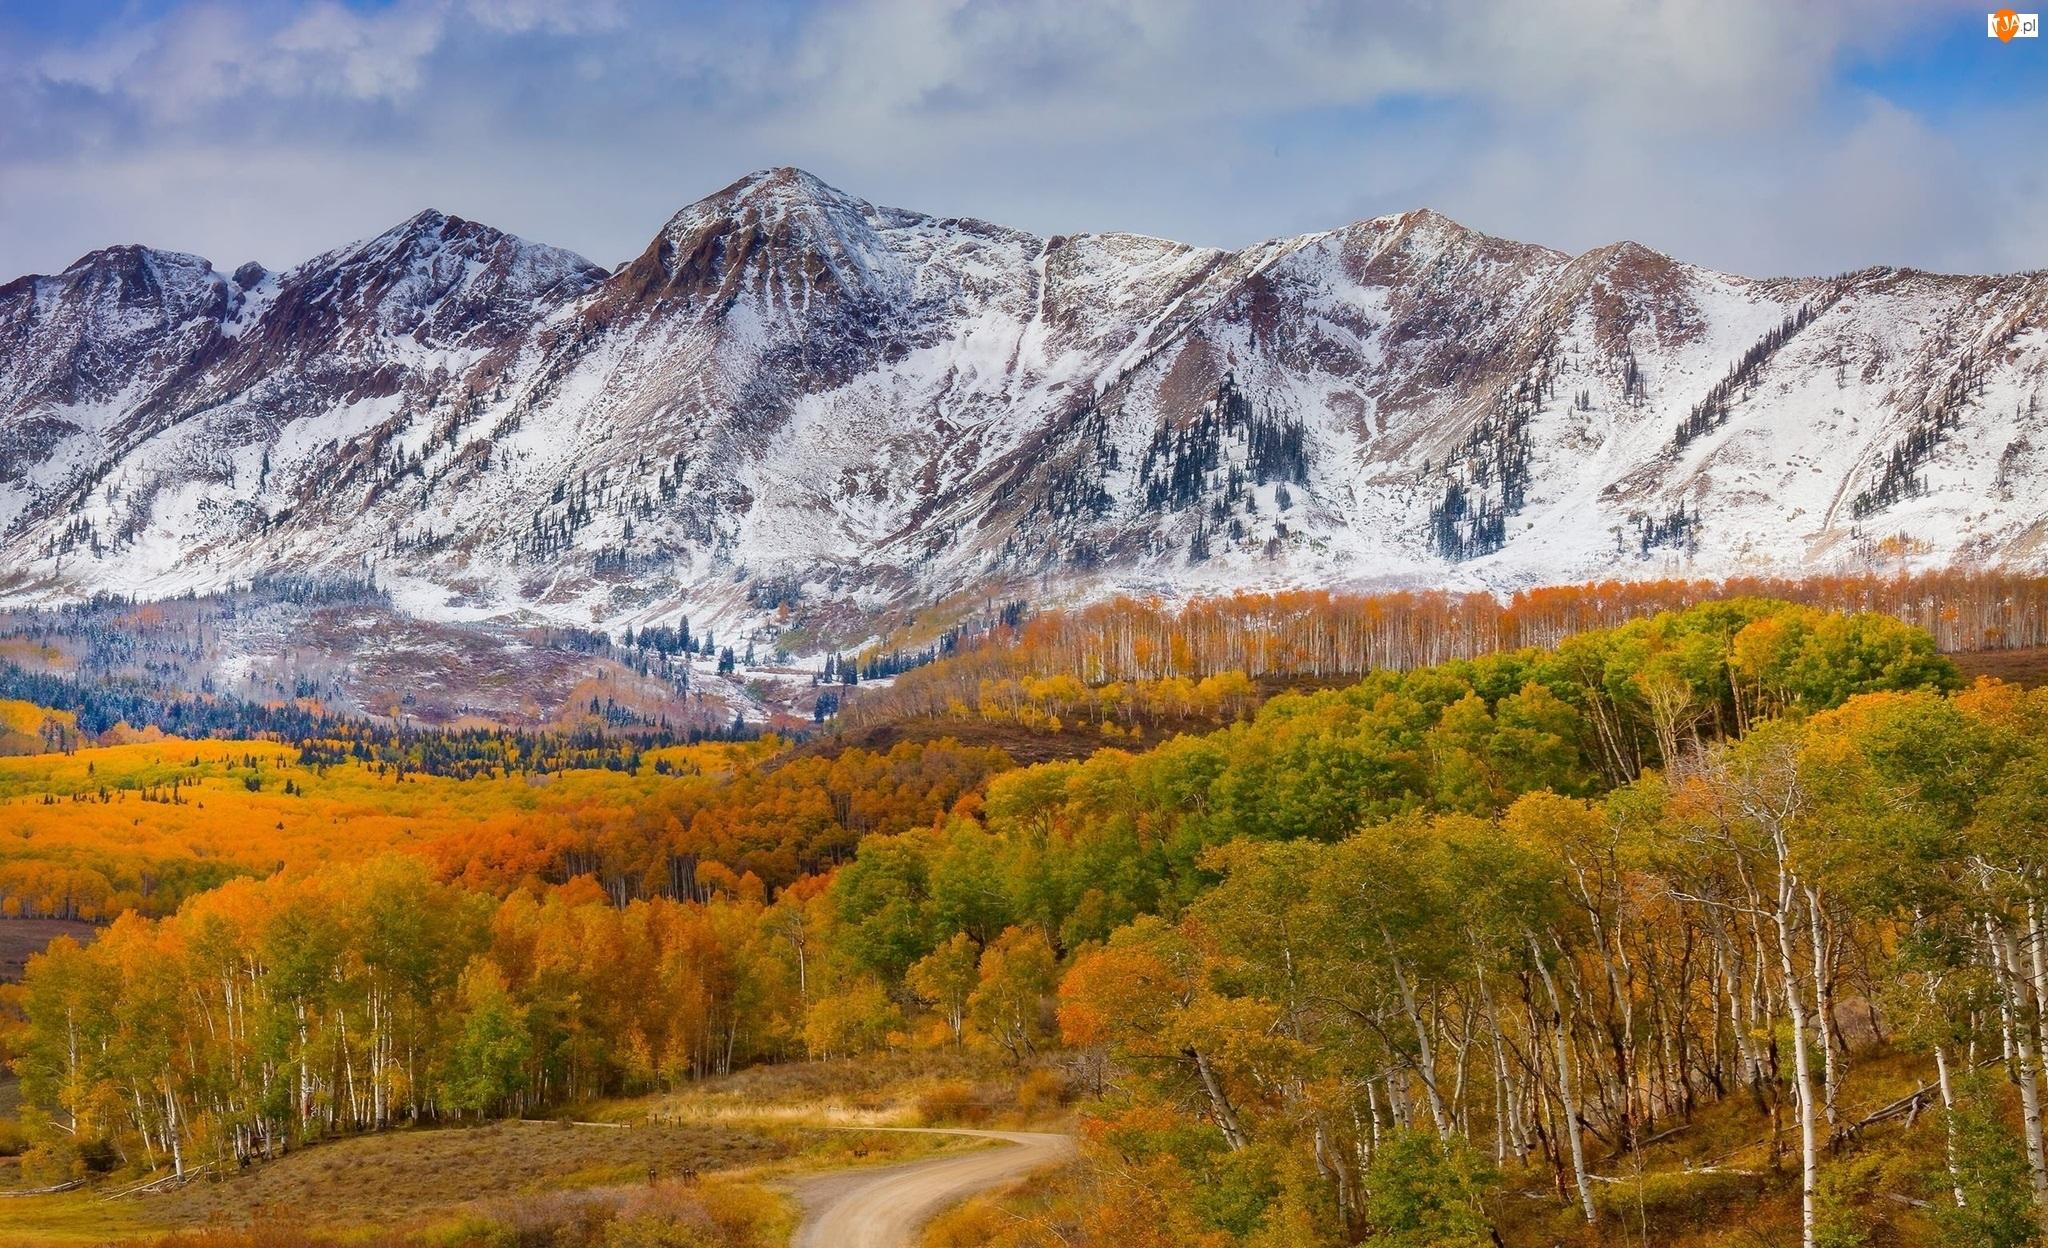 Góry, Przełęcz Ohio Pass, Stan Kolorado, Lasy, Stany Zjednoczone, Droga, Jesień, Drzewa